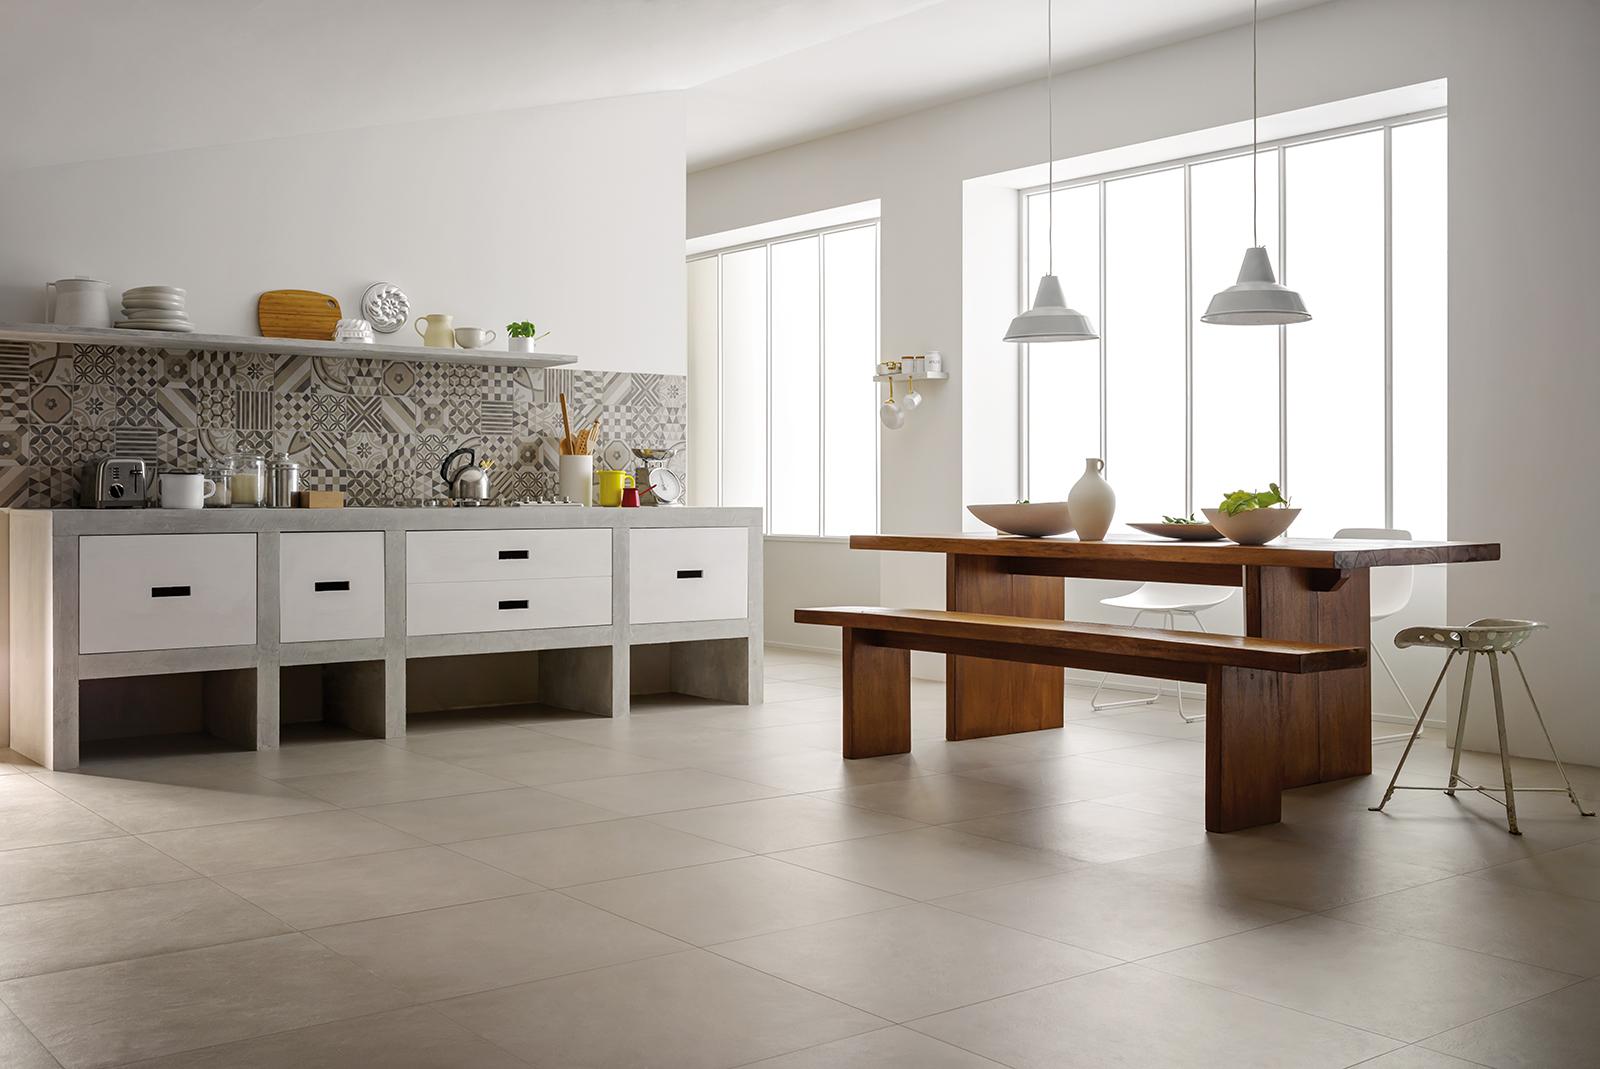 Piastrelle cucina idee in ceramica e gres marazzi - Parquet per bagno e cucina ...